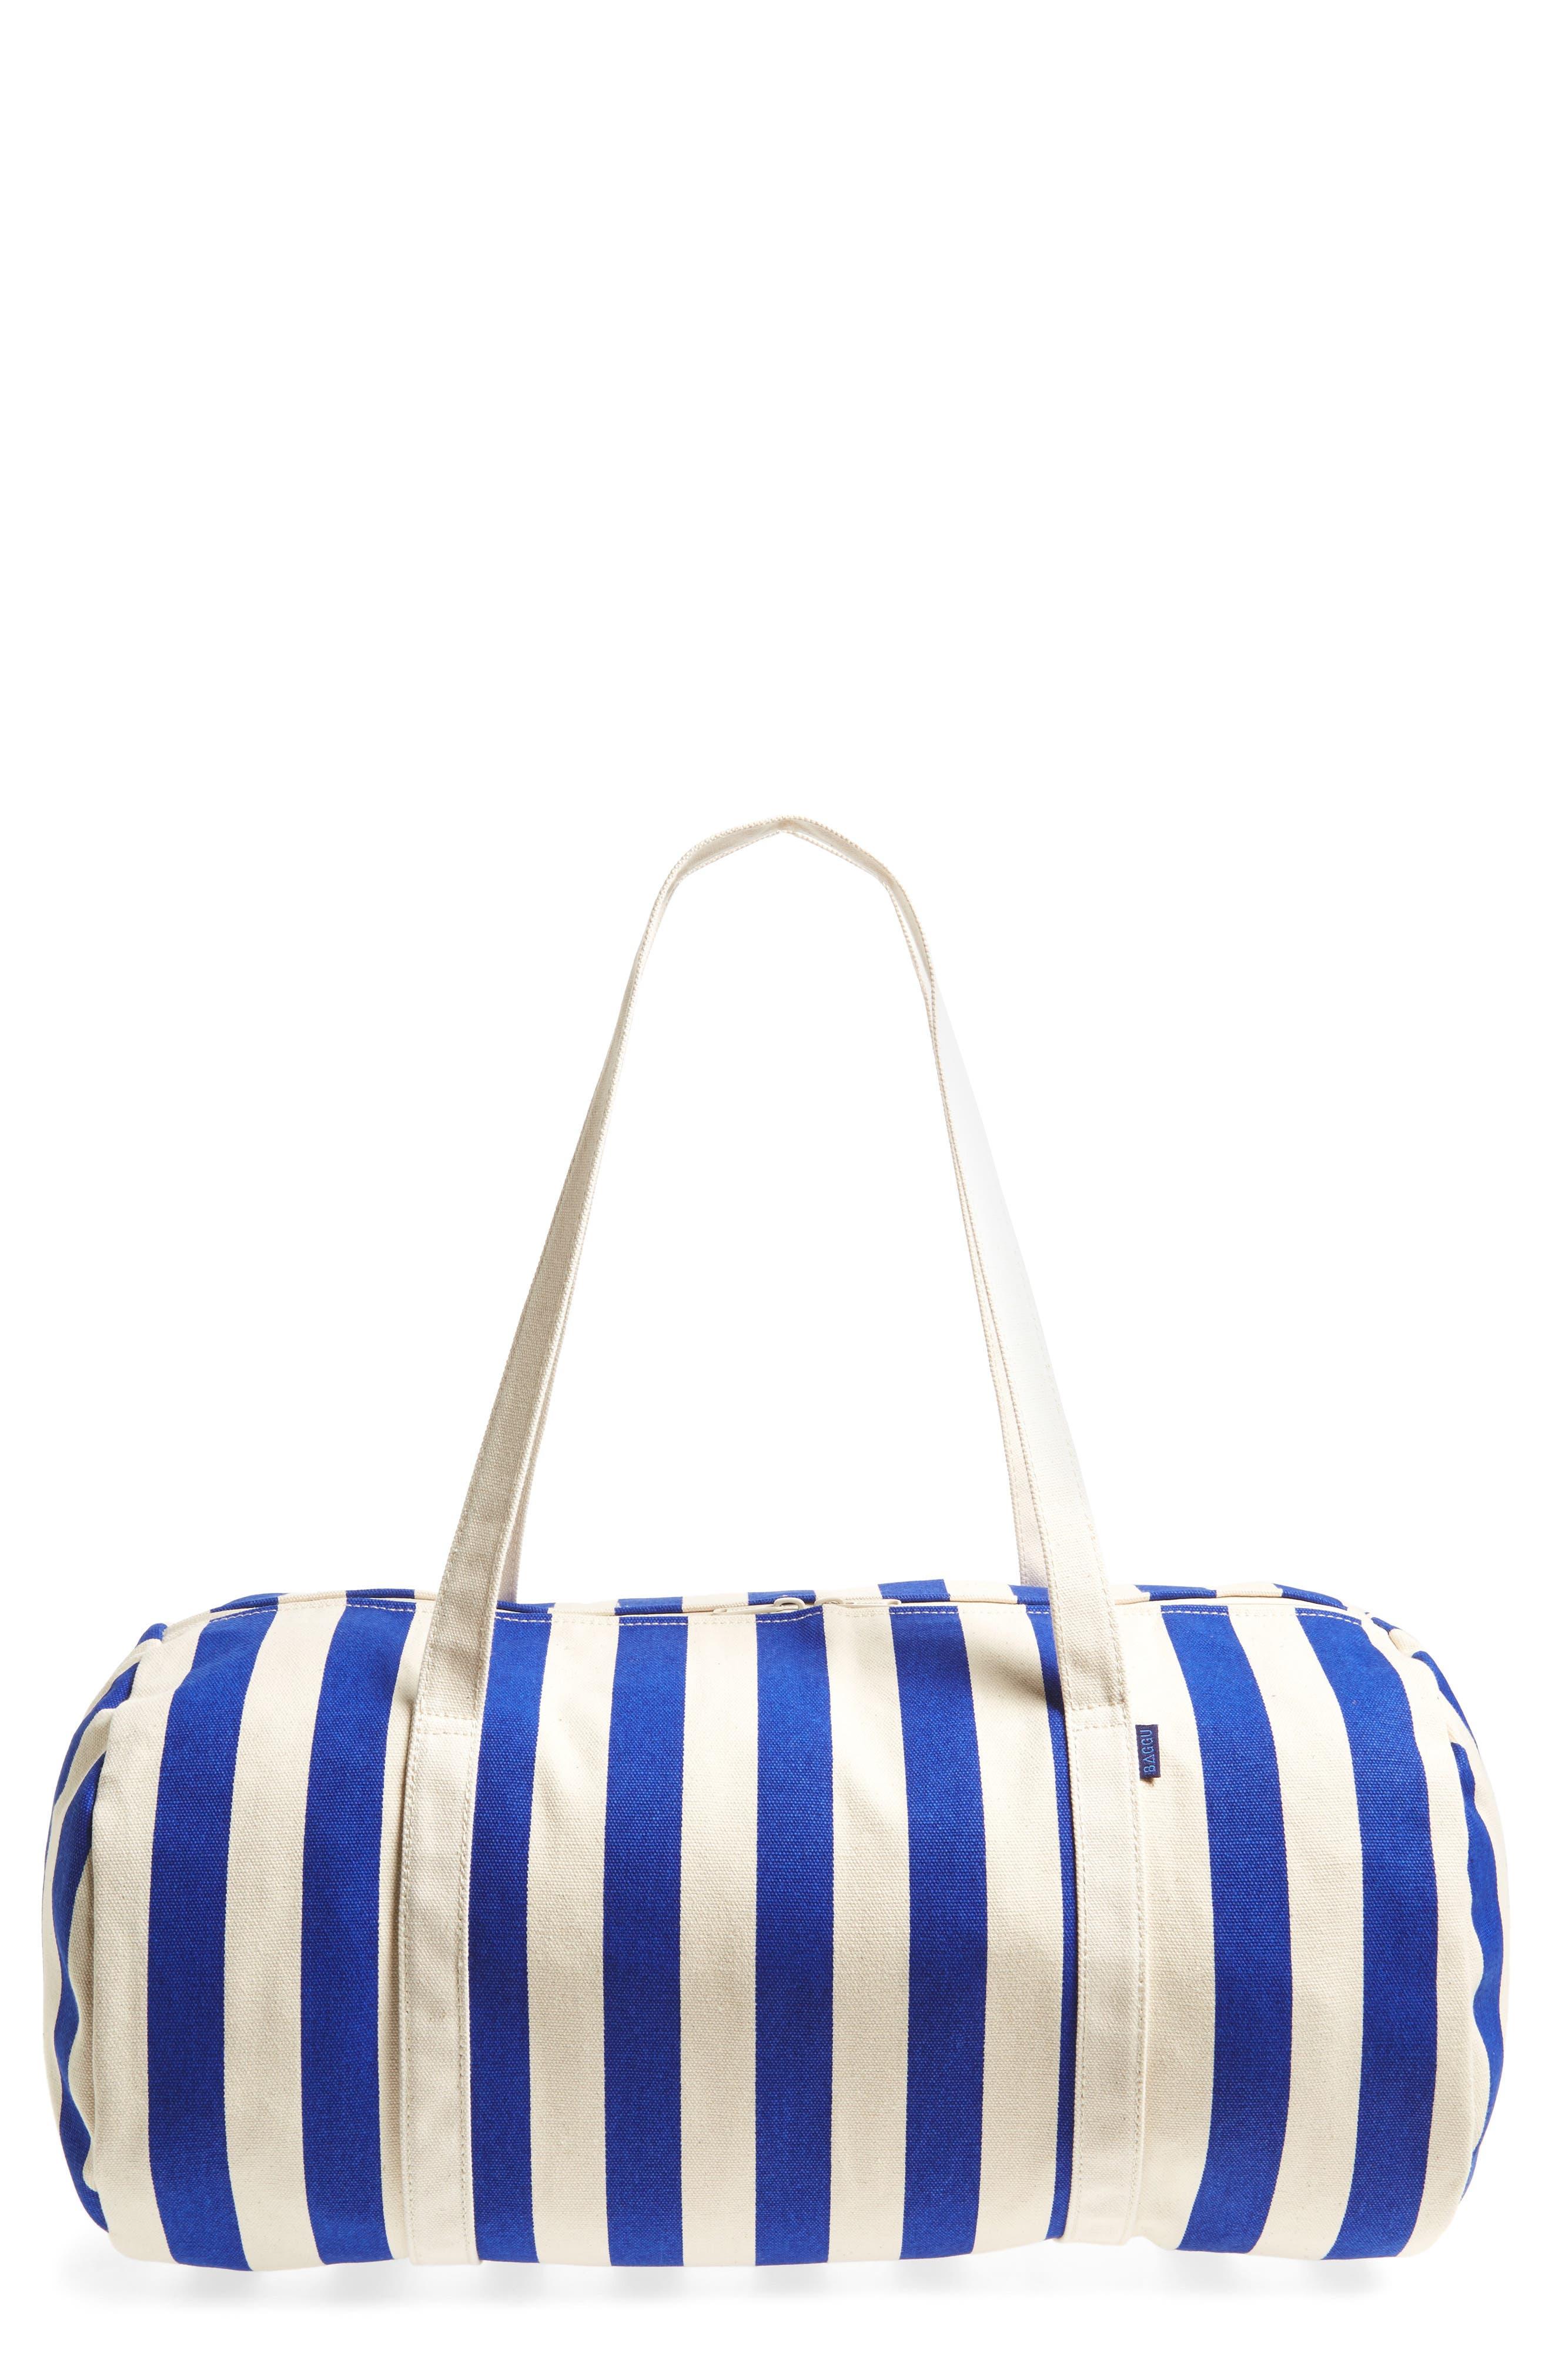 Alternate Image 1 Selected - Baggu Canvas Duffel Bag